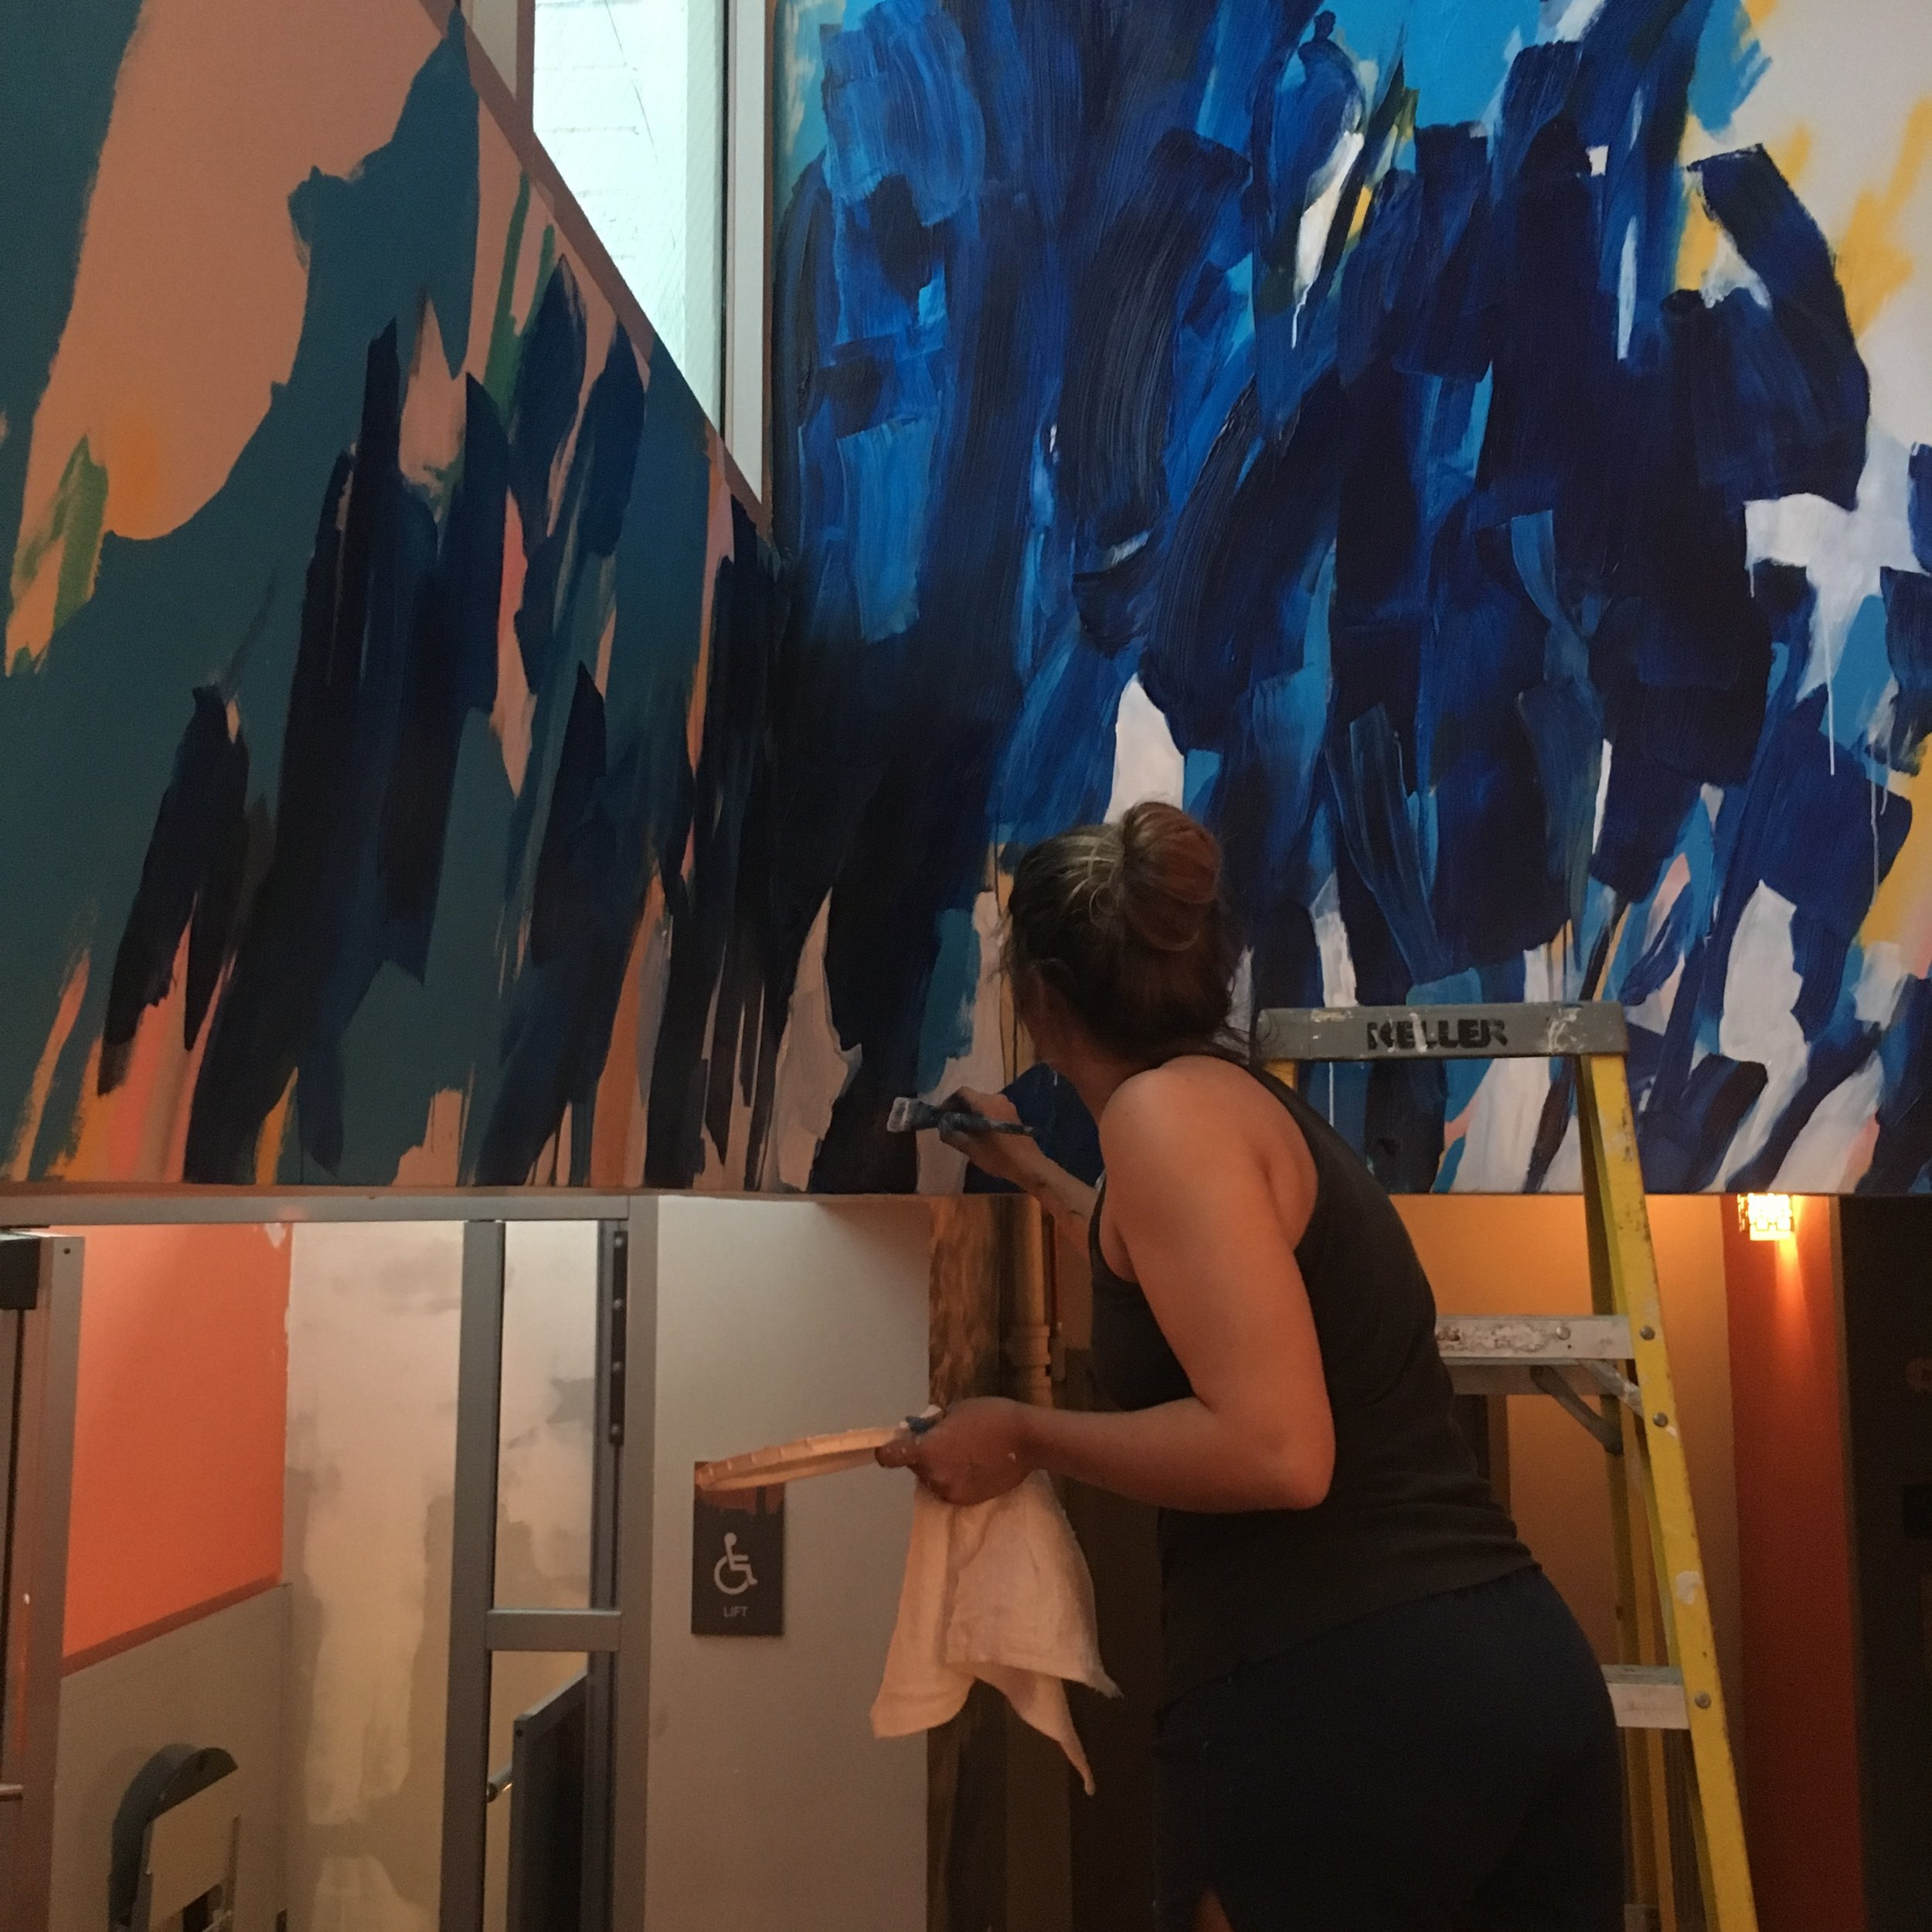 KP_painting2.JPG